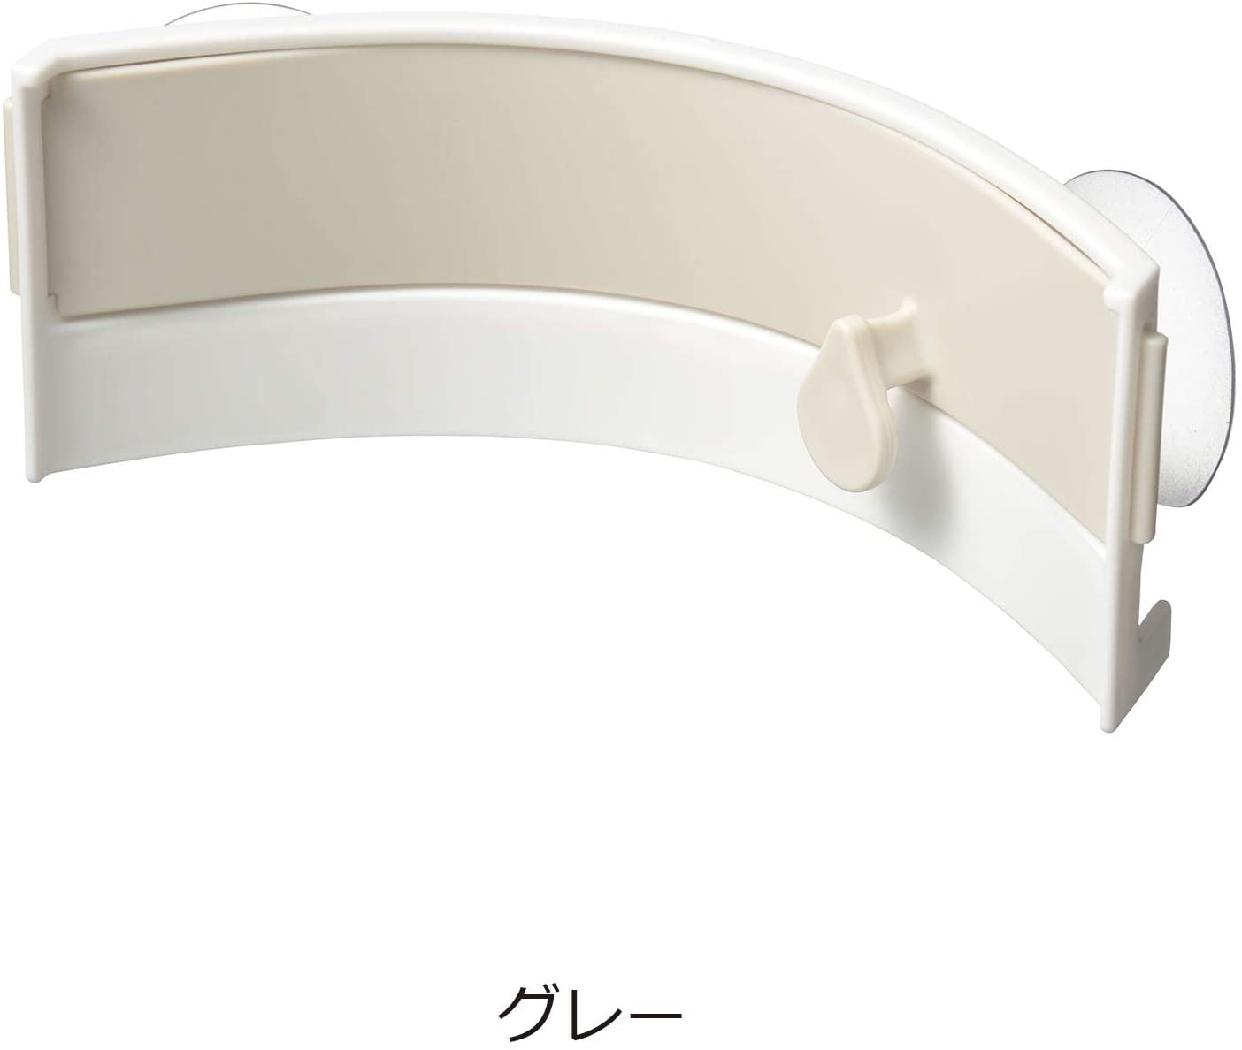 LEYE(レイエ) パコン!としまるごみ袋ホルダーの商品画像7